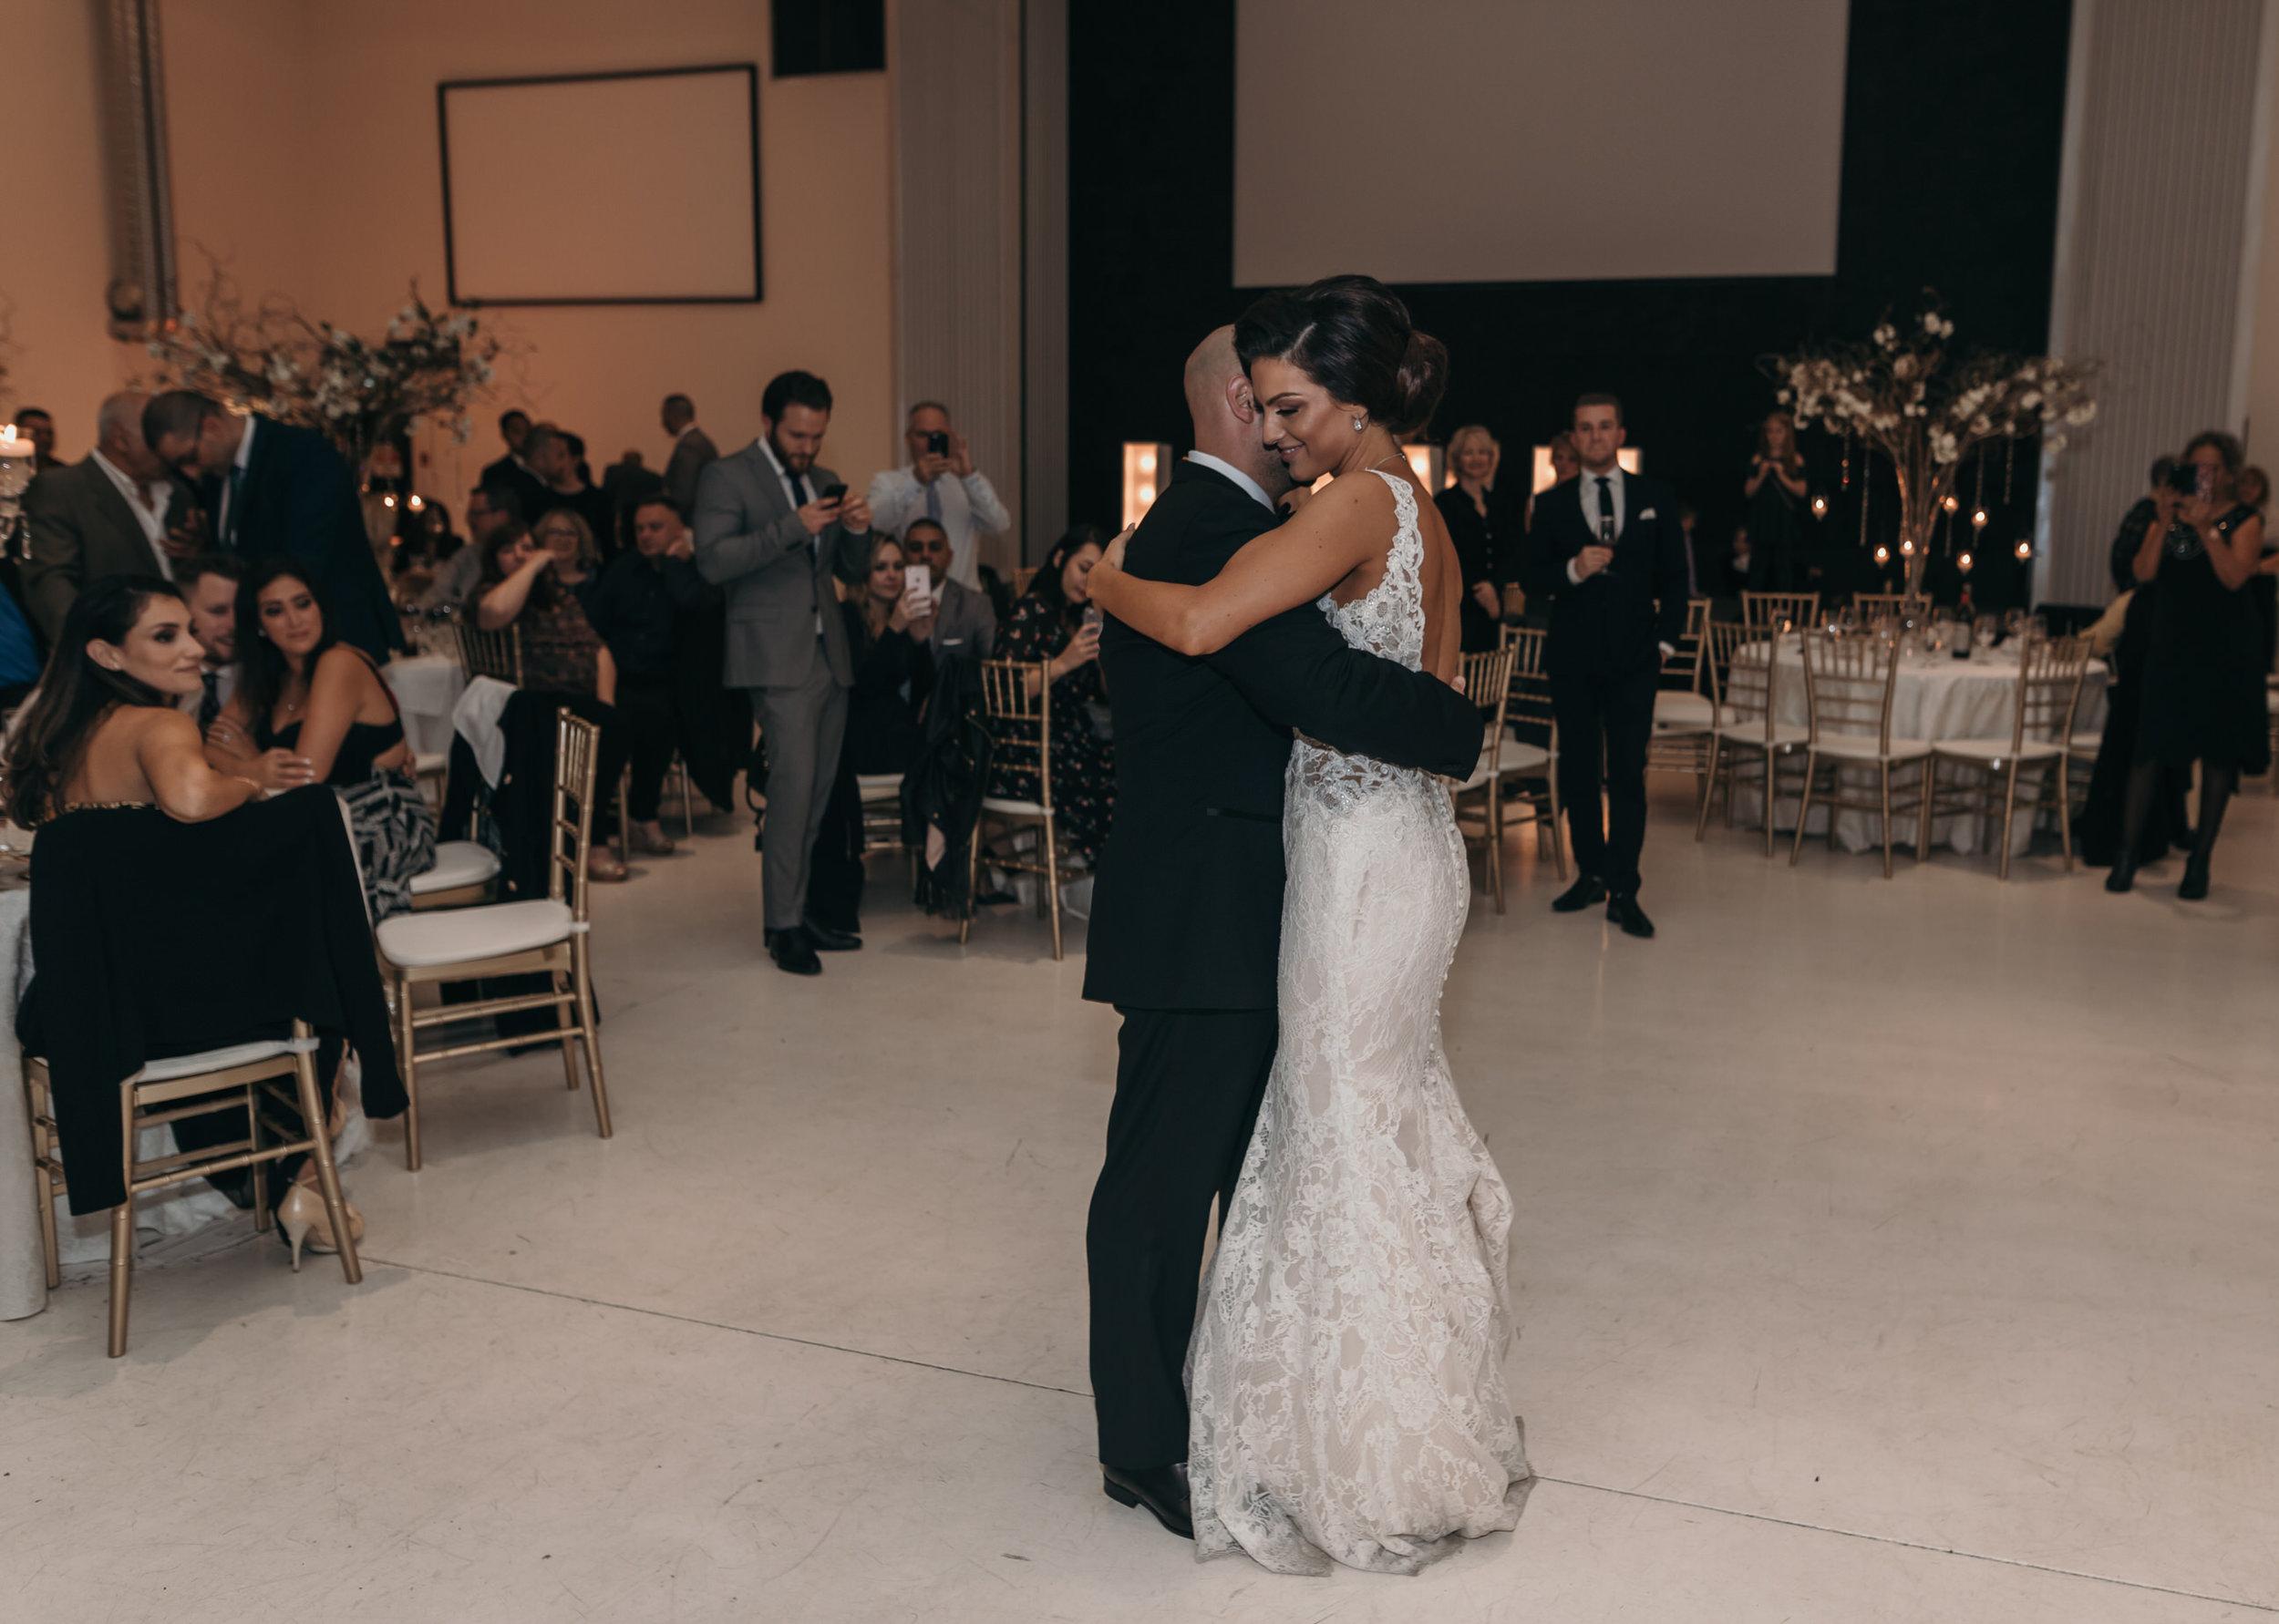 Pitt Meadows Wedding Photographer - Sky Hangar Wedding Photos - Vancouver Wedding Photographer & Videographer - Sunshine Coast Wedding Photos - Sunshine Coast Wedding Photographer - Jennifer Picard Photography - 1A5A6612.jpg